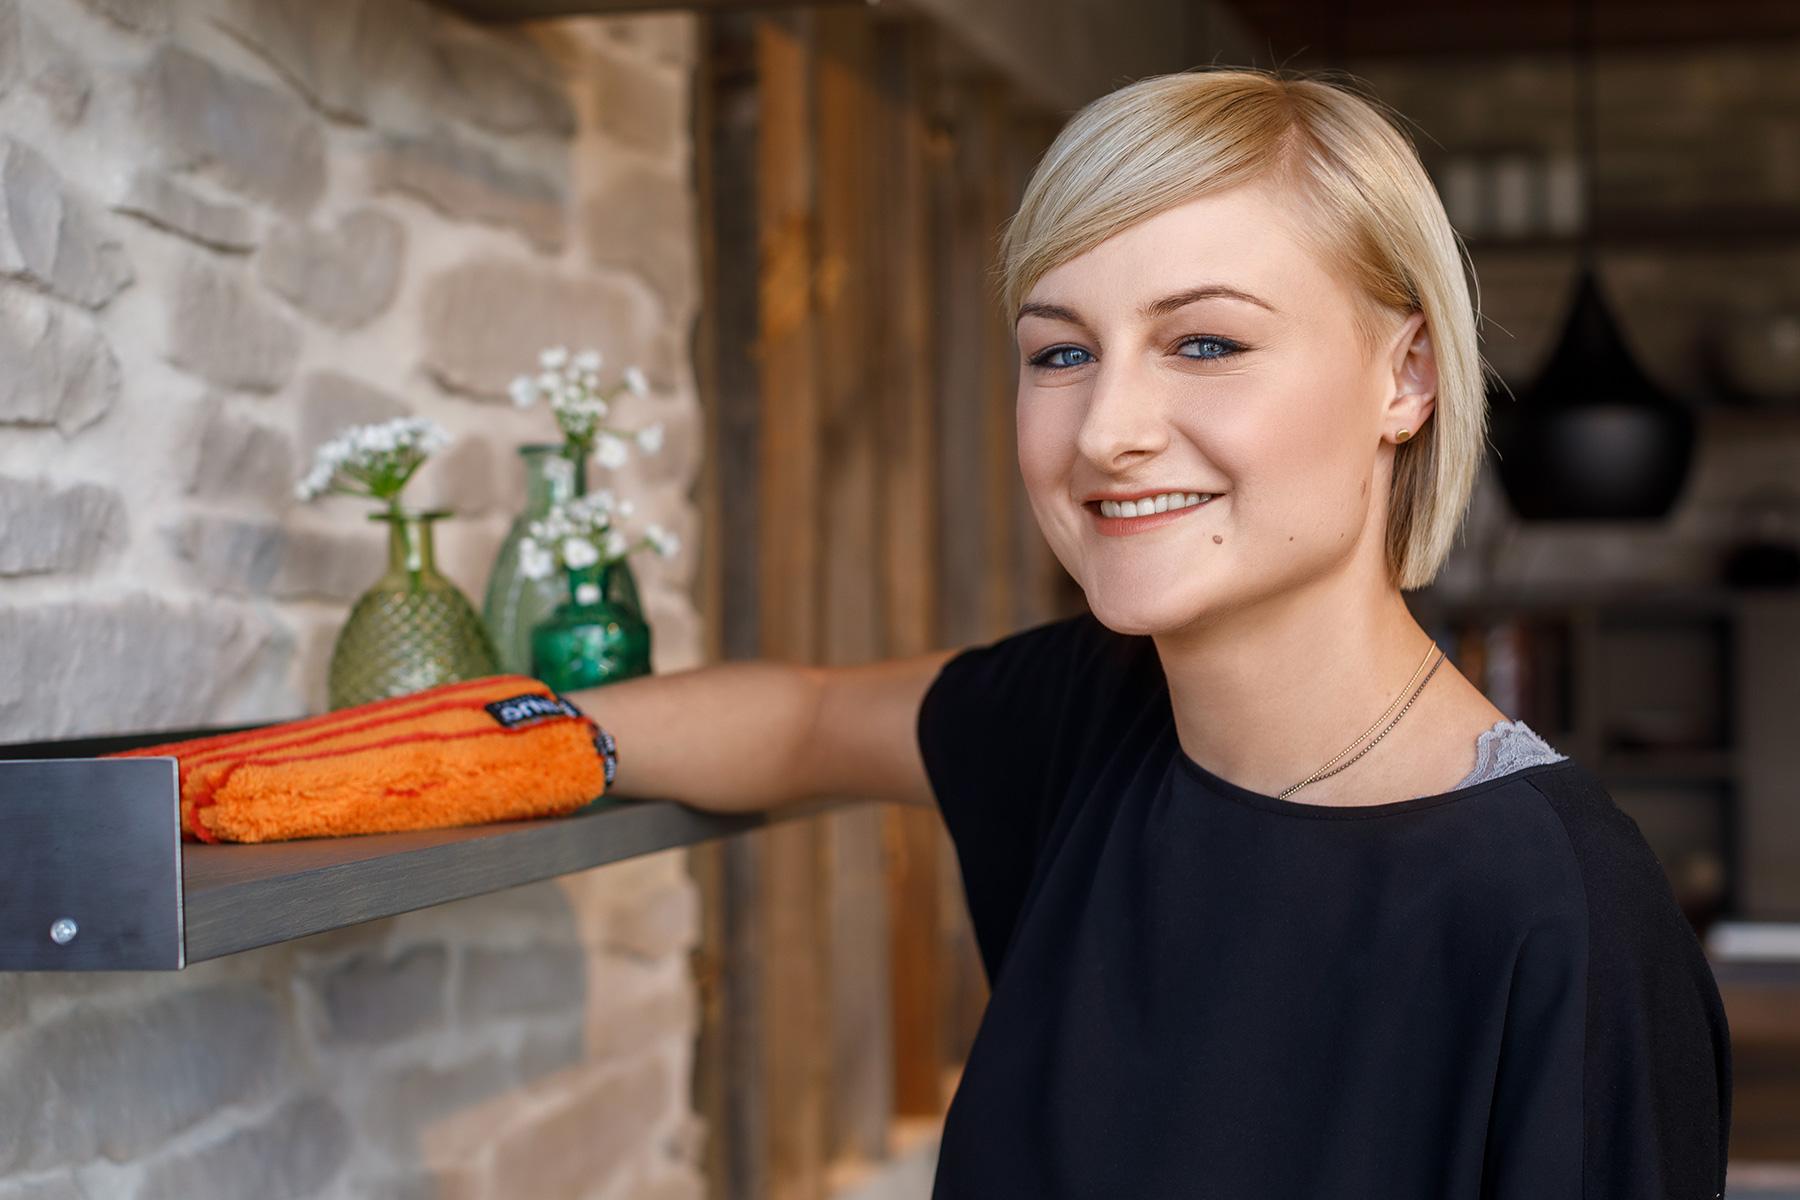 Dust glove handschuh staub frau women cleaning reinigen putzen